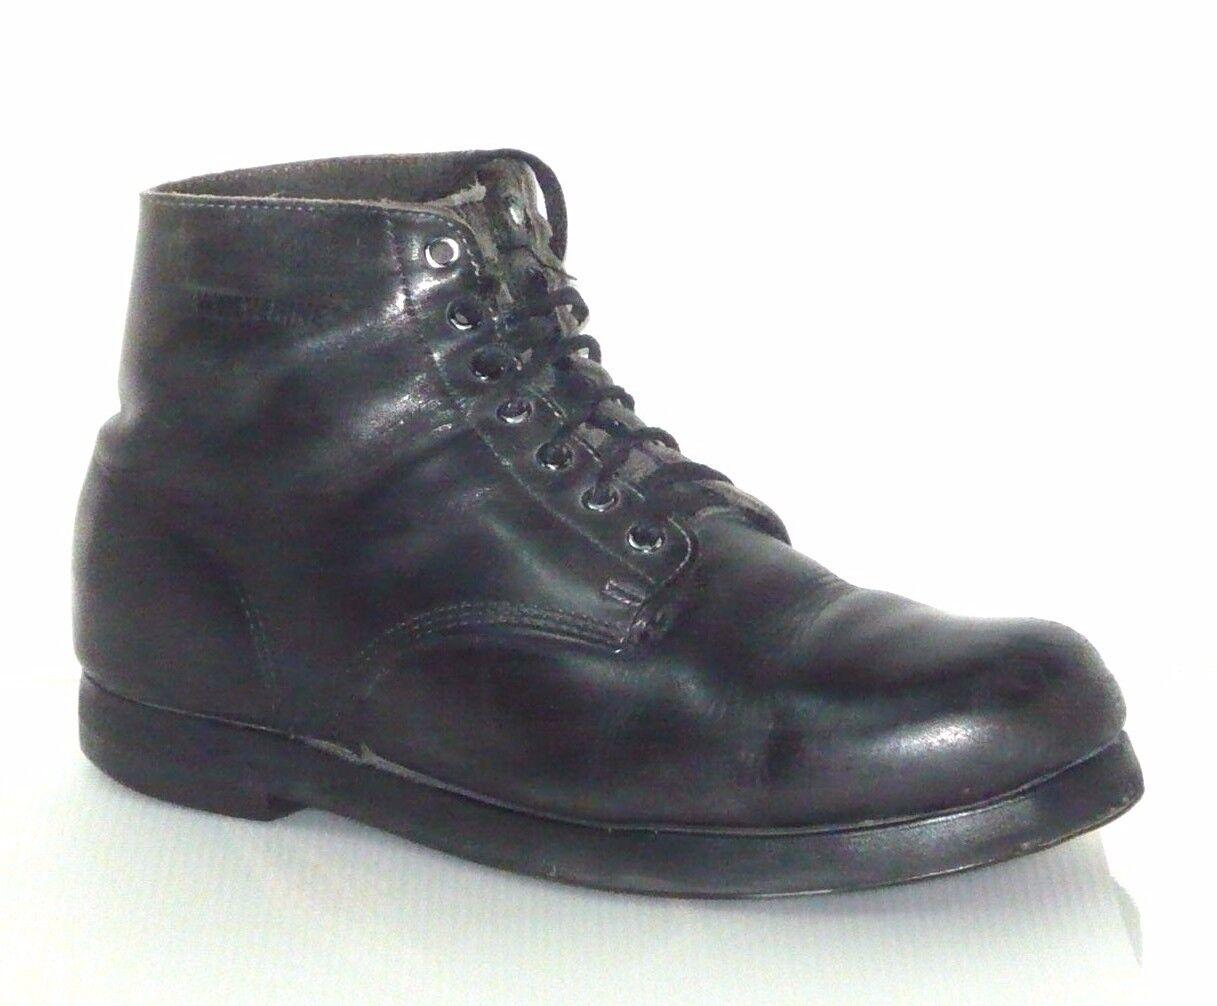 Wolverine Men's Original Boots Black Leather W05300 11.5D